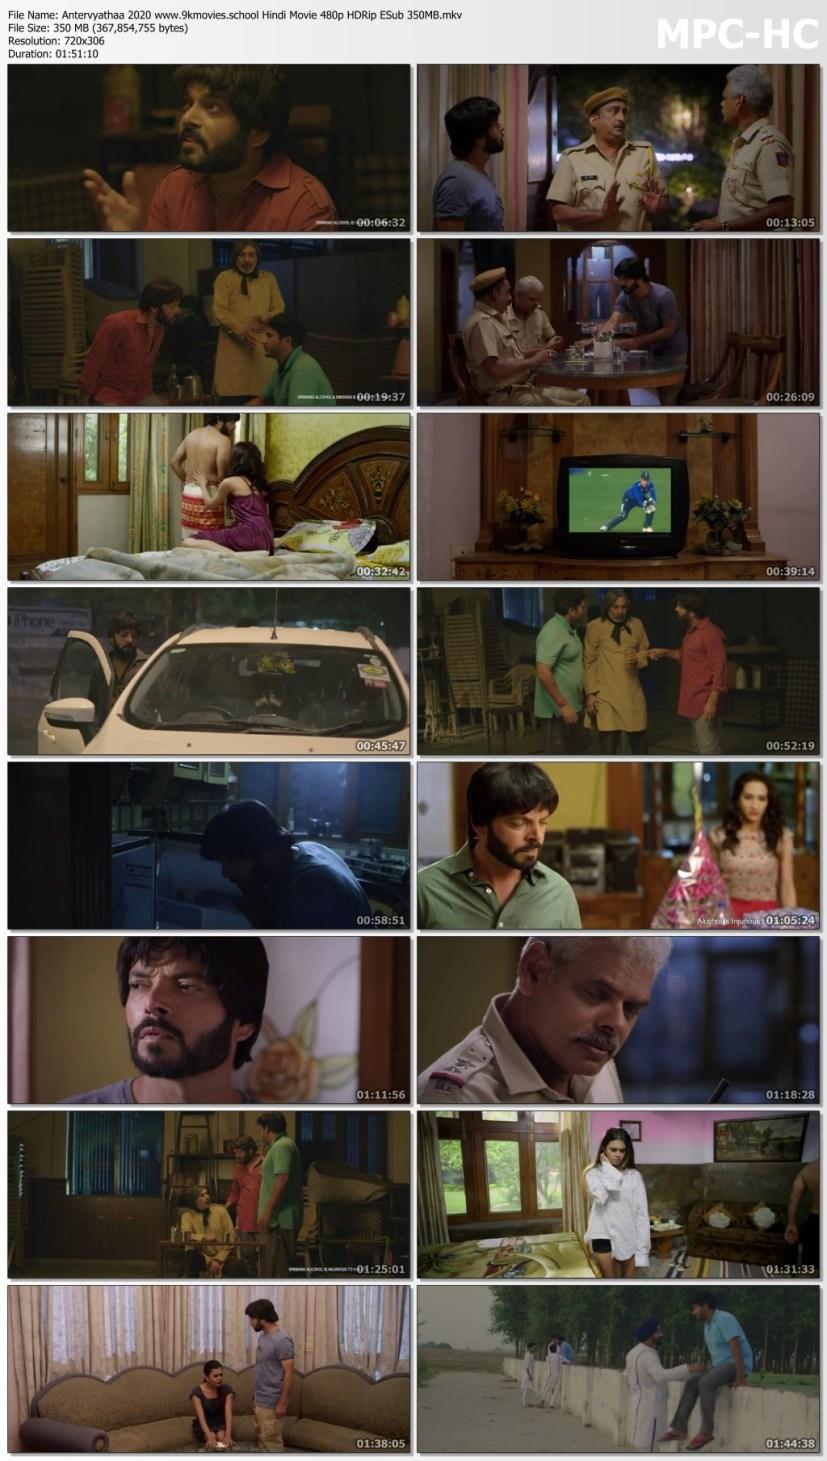 Download Antervyathaa 2020 Hindi Movie 480p HDRip ESub 350MB